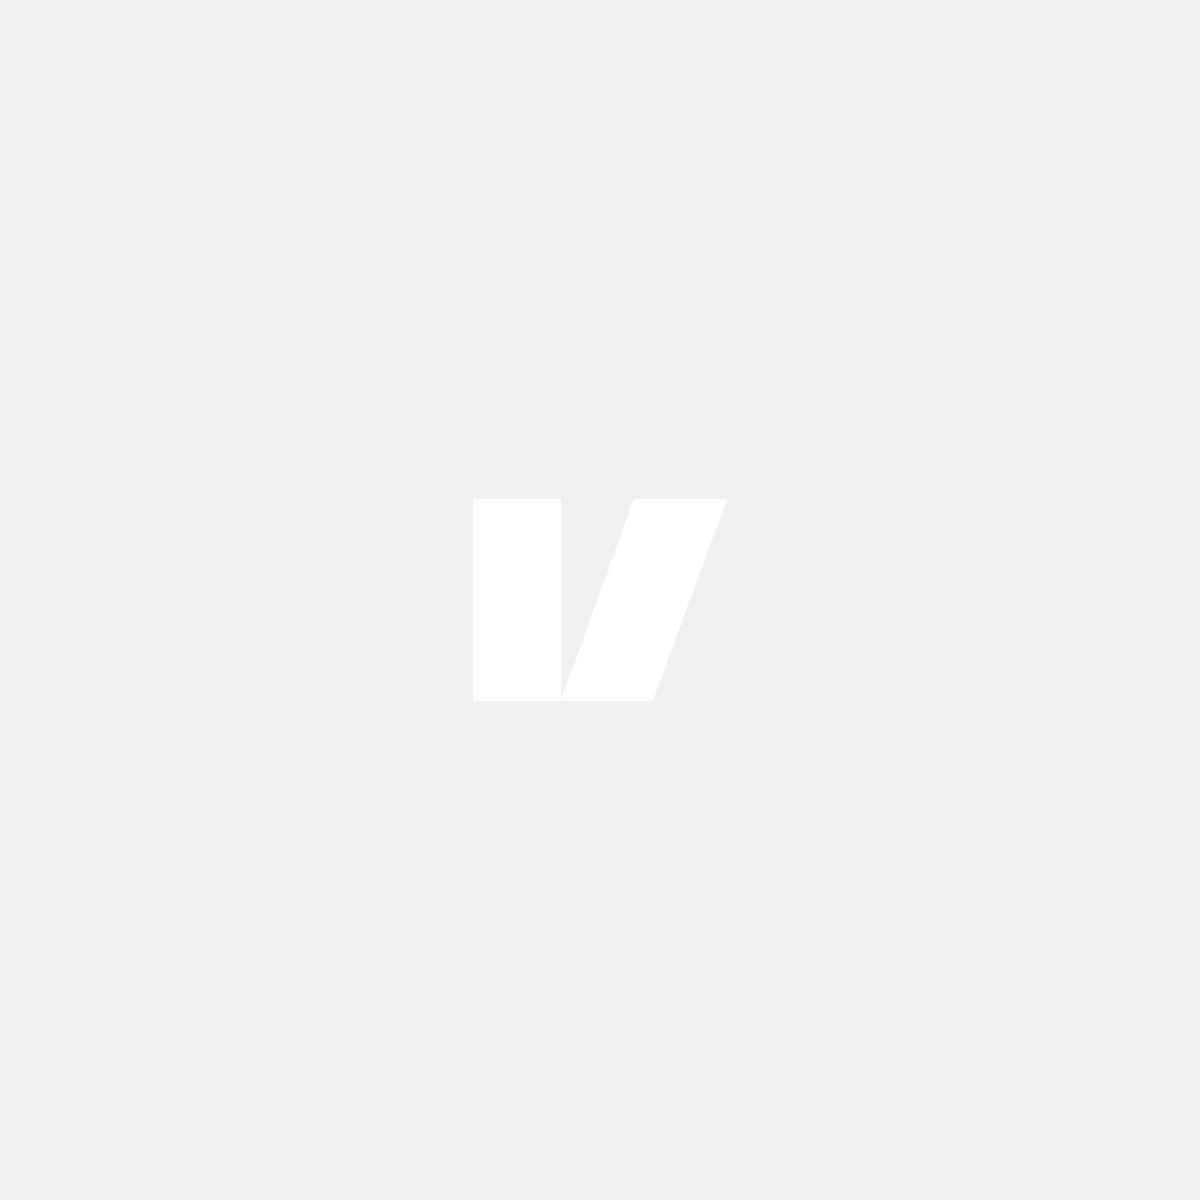 Innerbelysning till Volvo PV, Duett, Amazon